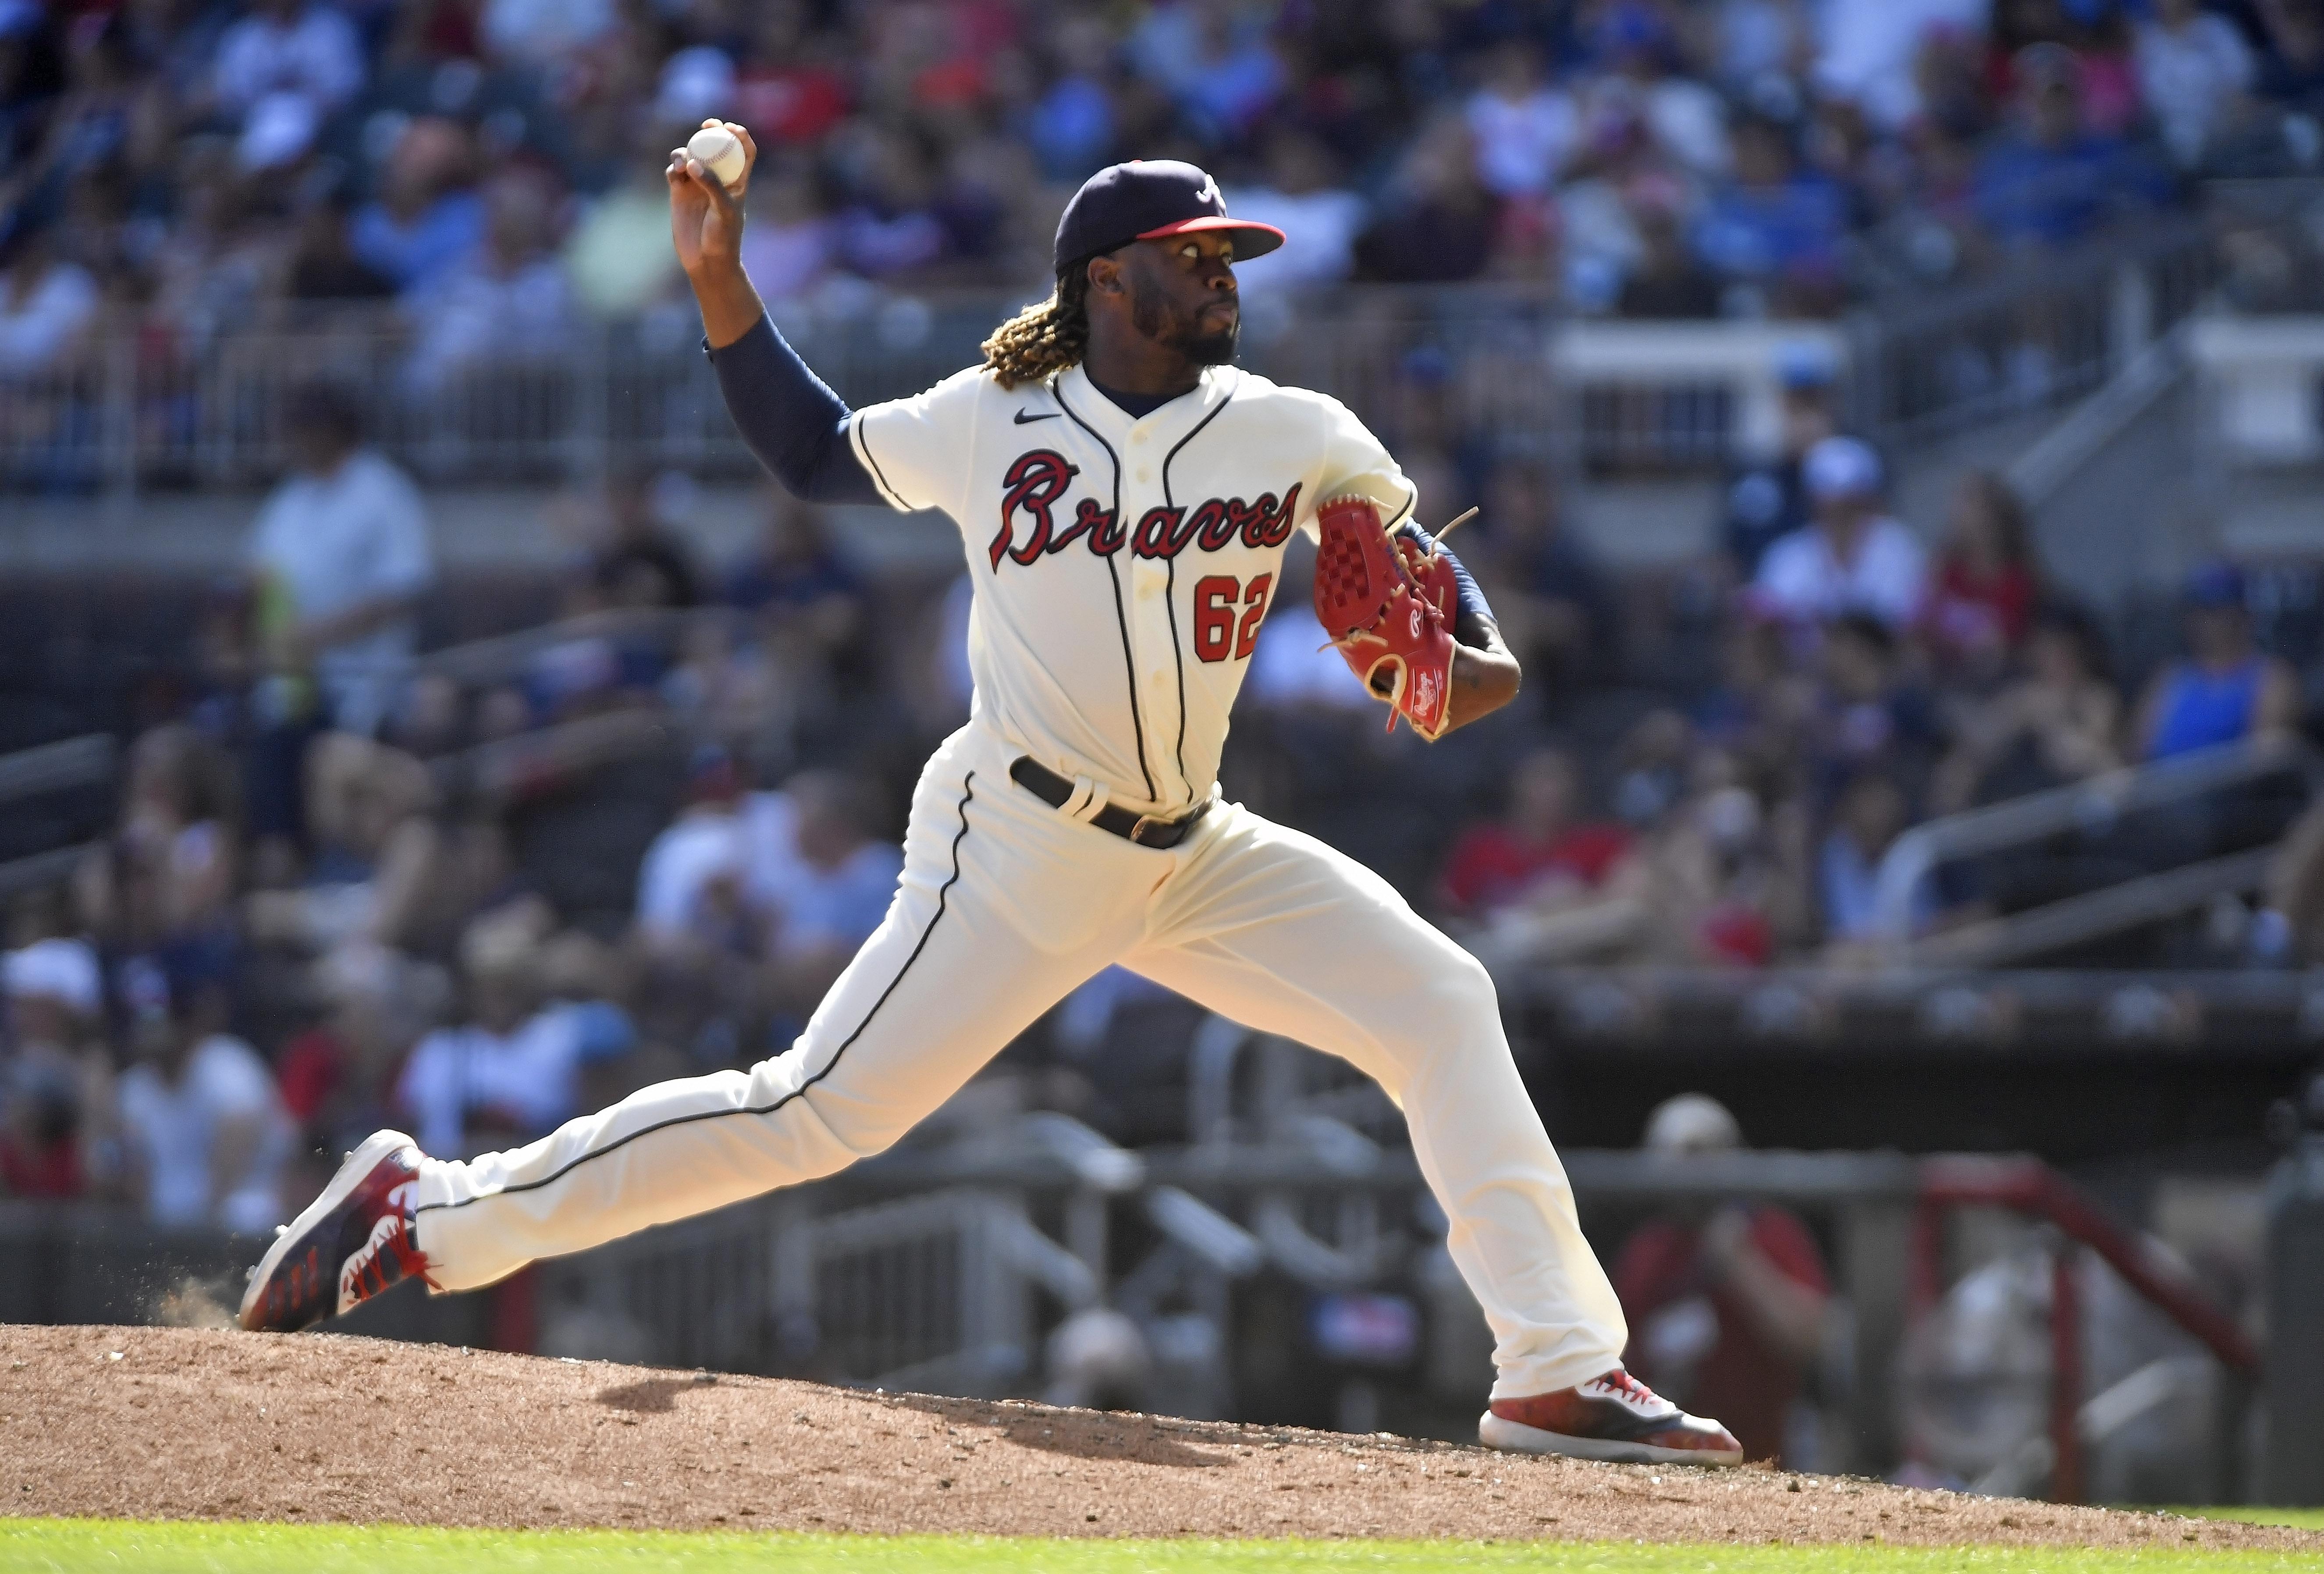 MLB: AUG 29 Giants at Braves